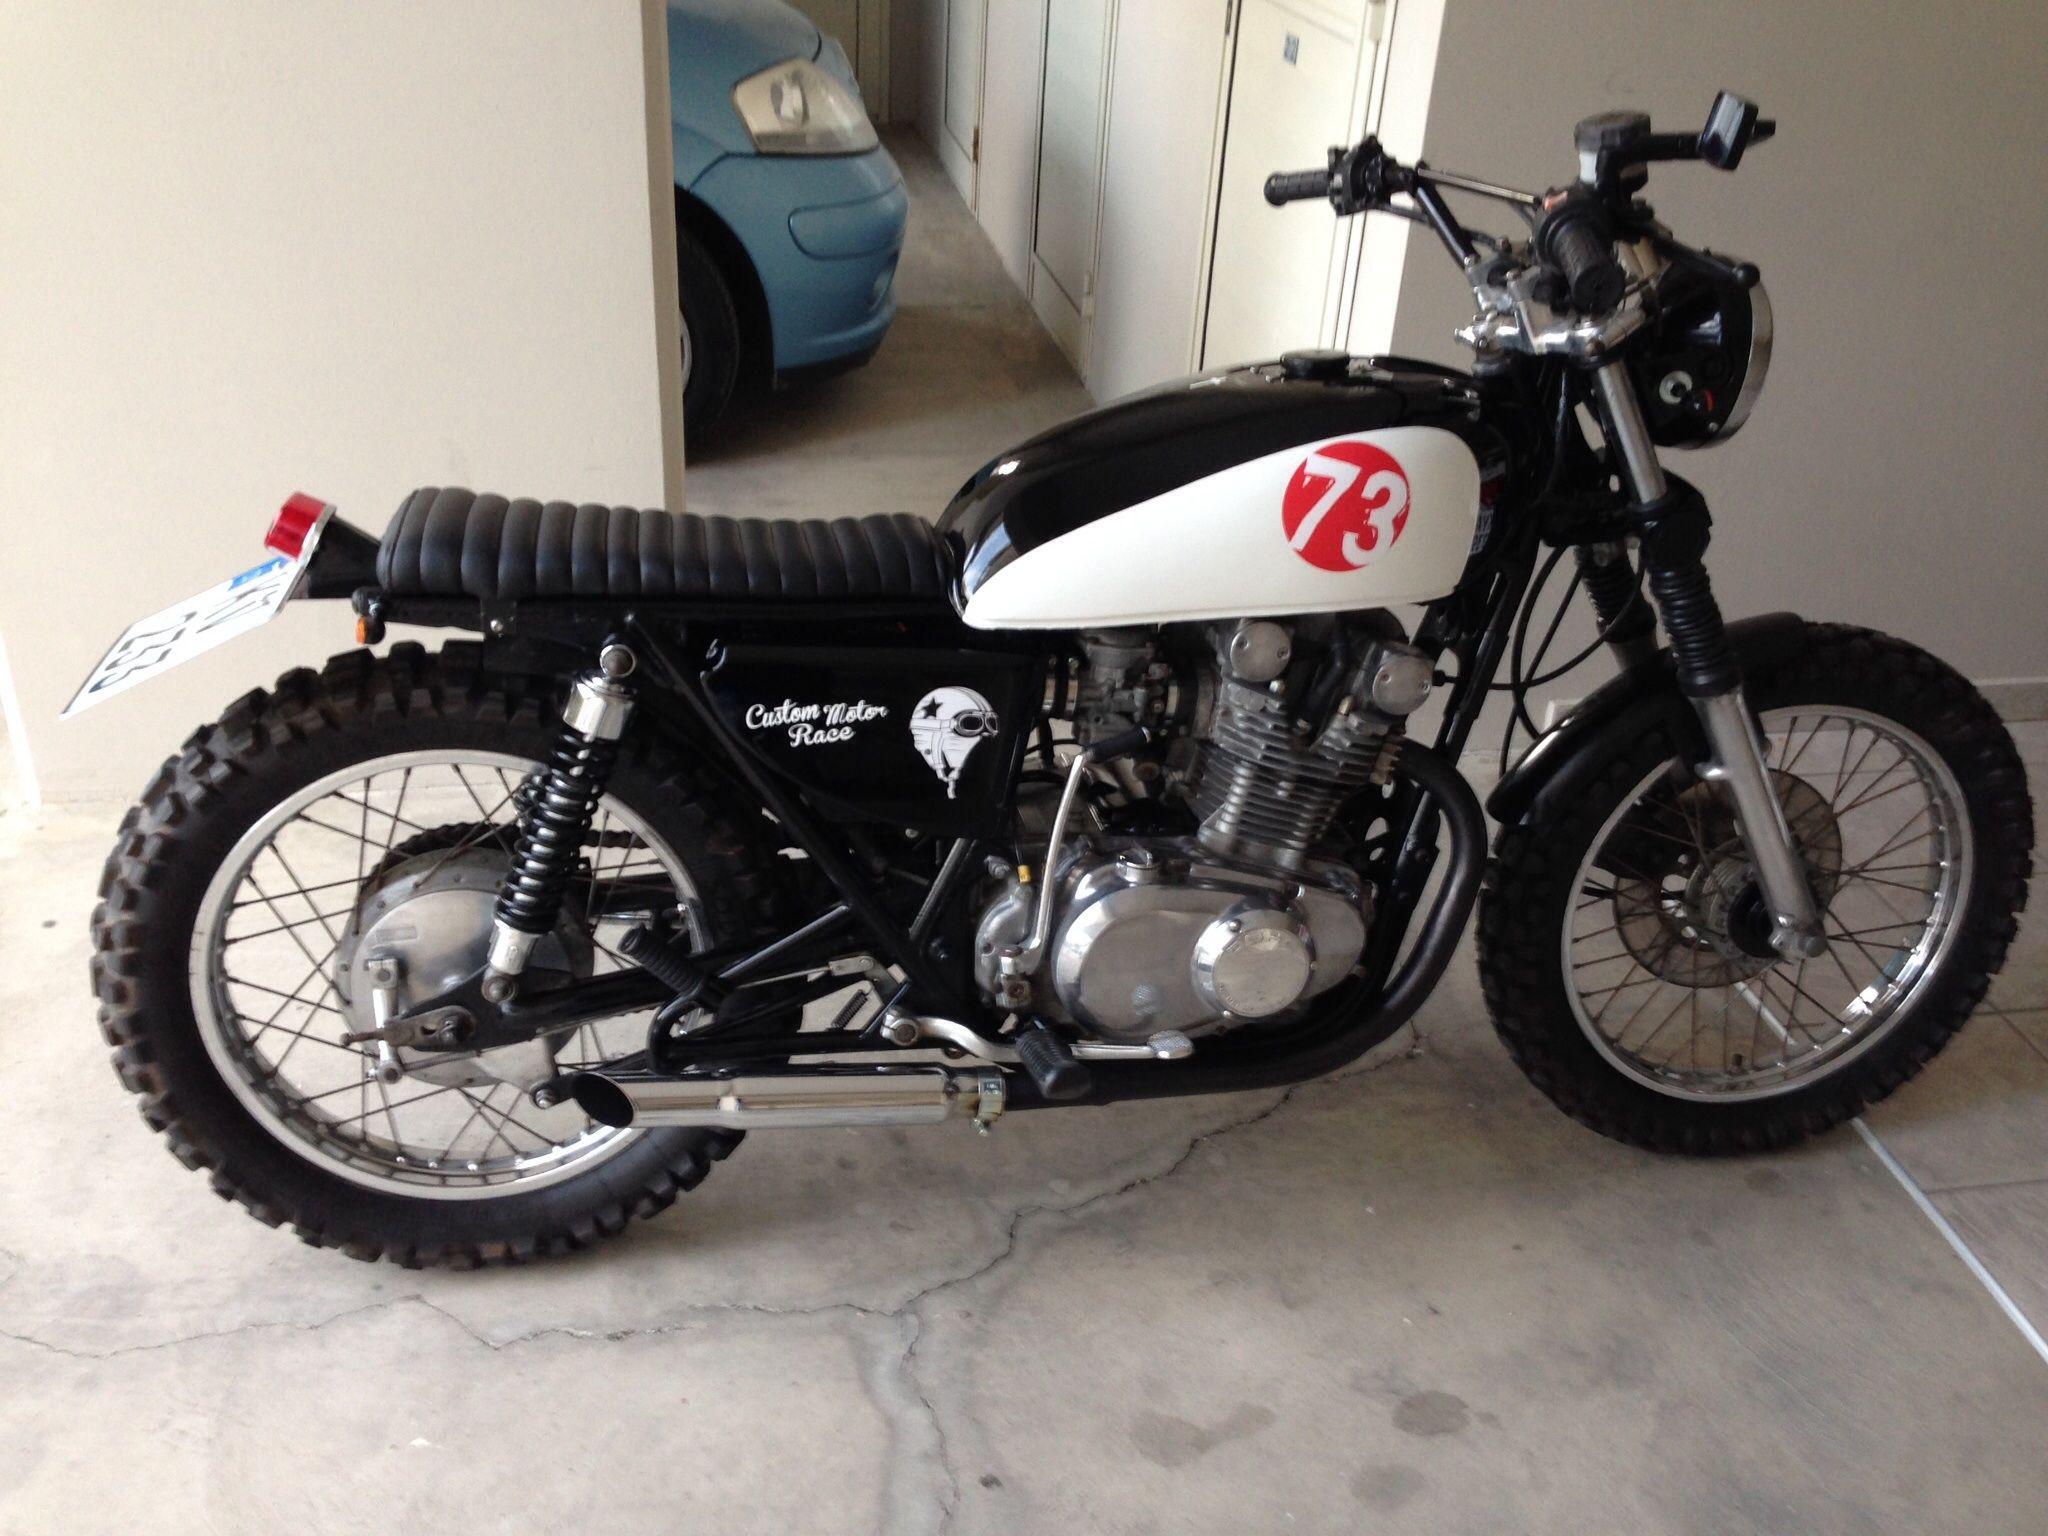 1979 suzuki gs425 motorrad pinterest motorr der. Black Bedroom Furniture Sets. Home Design Ideas